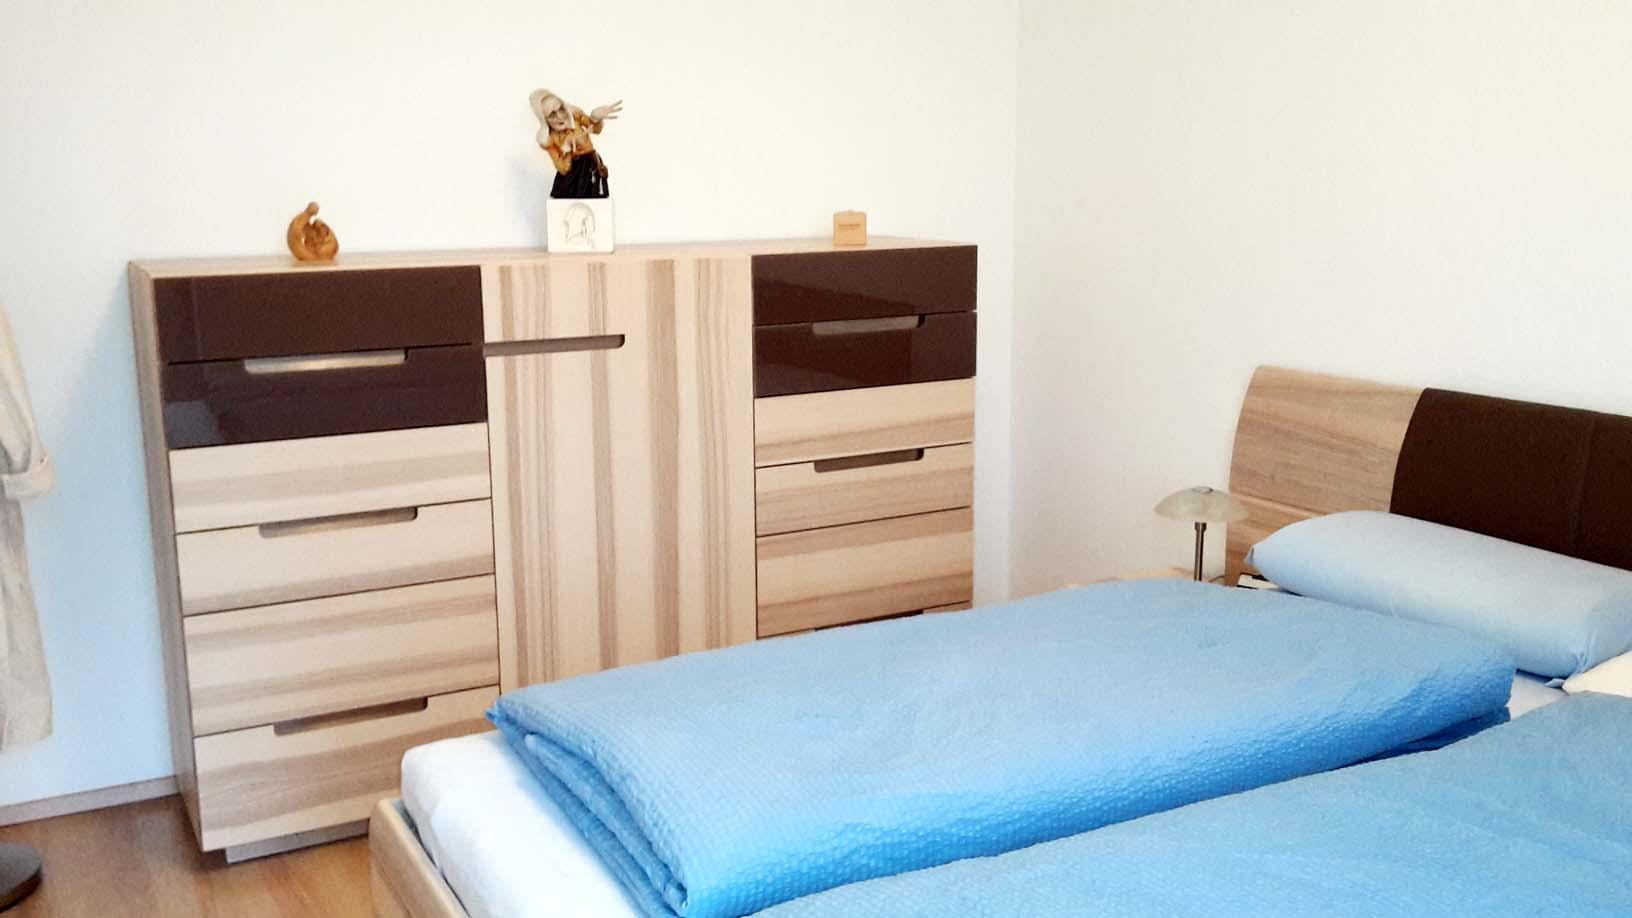 Galerie schlafzimmer voak andreas k chen und m beldesign - Galerie schlafzimmer ...